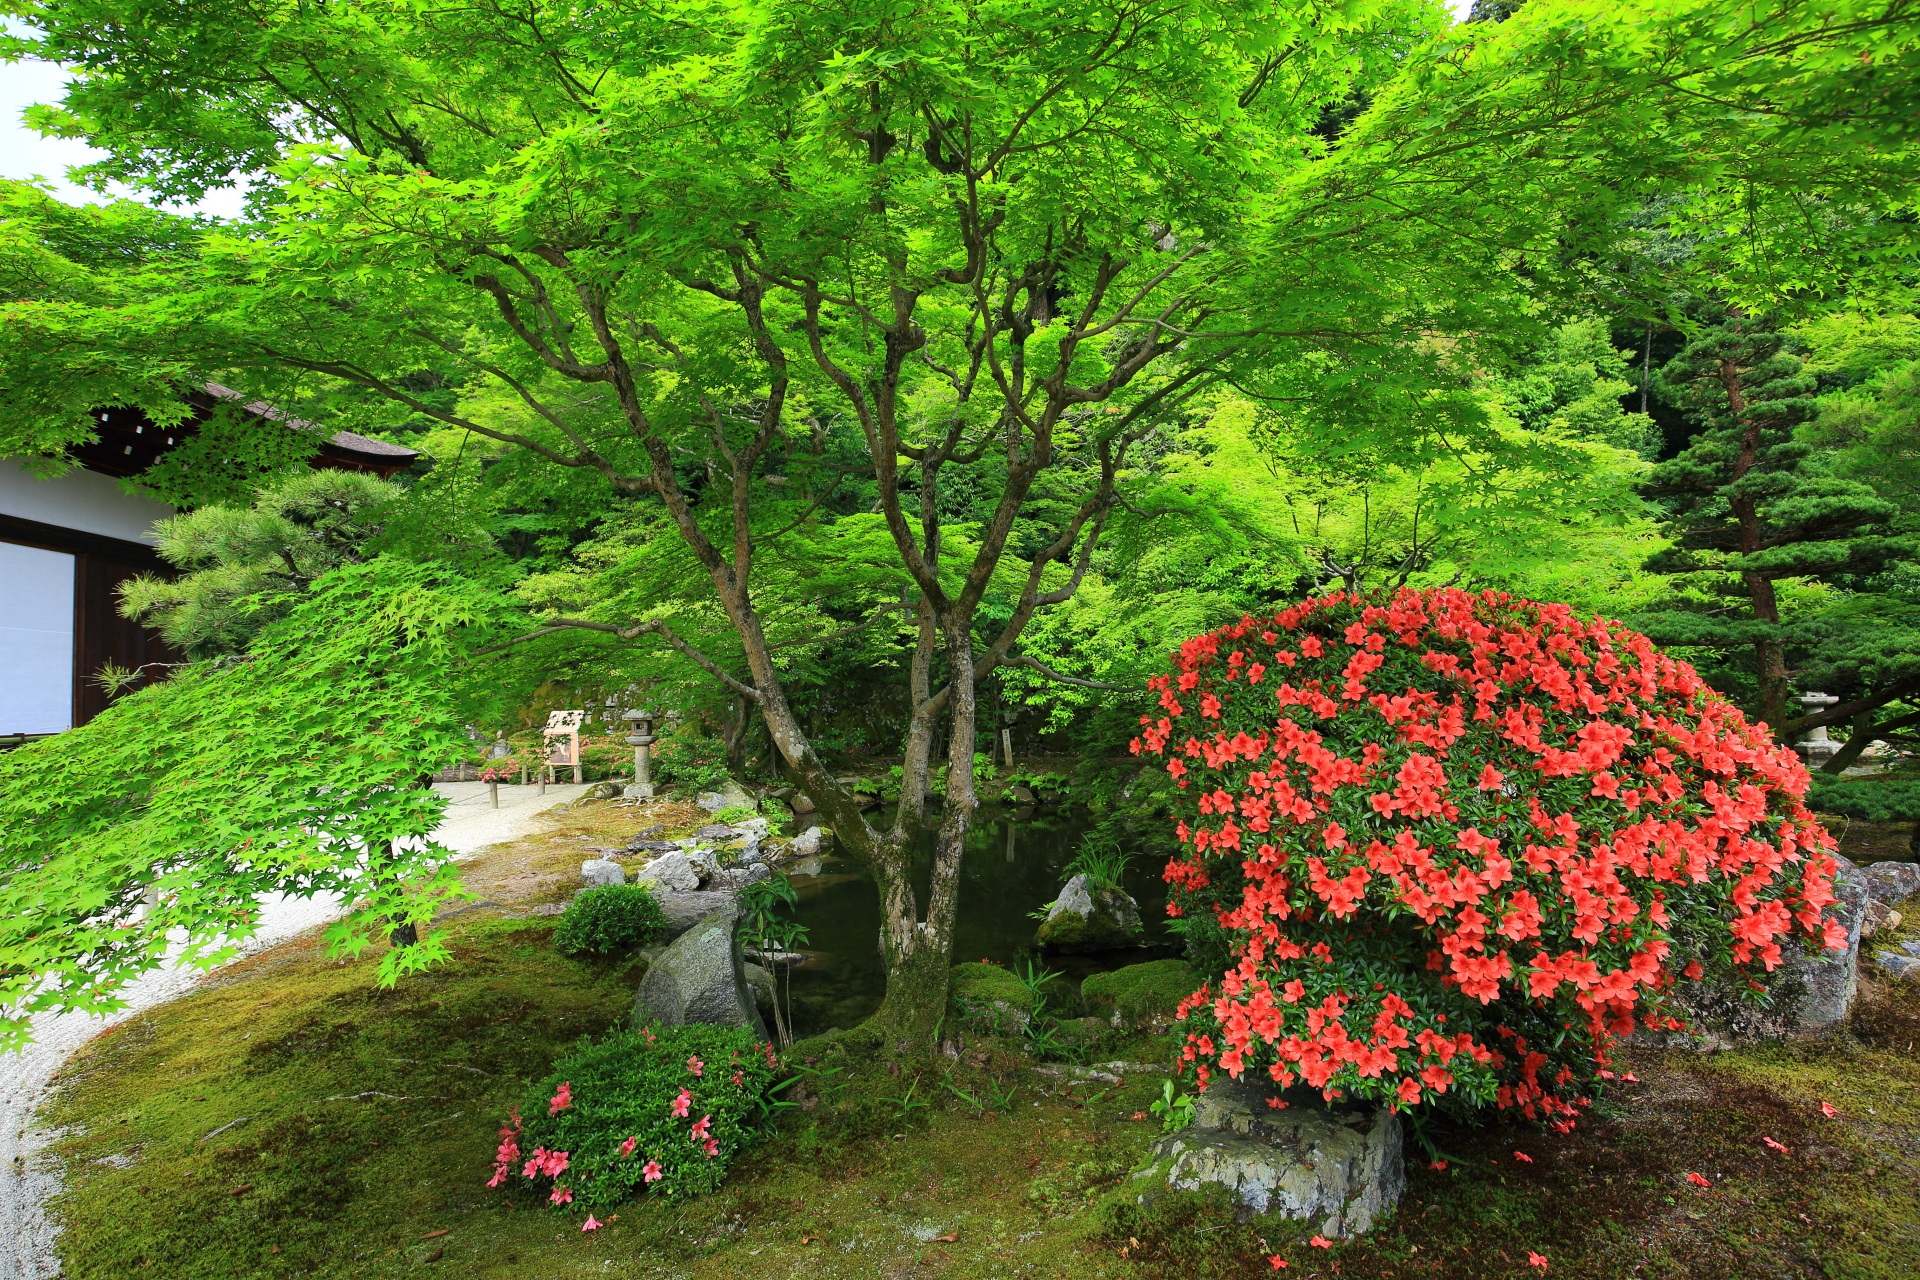 新緑や青もみじとサツキの花の緑と朱色の綺麗なコントラスト